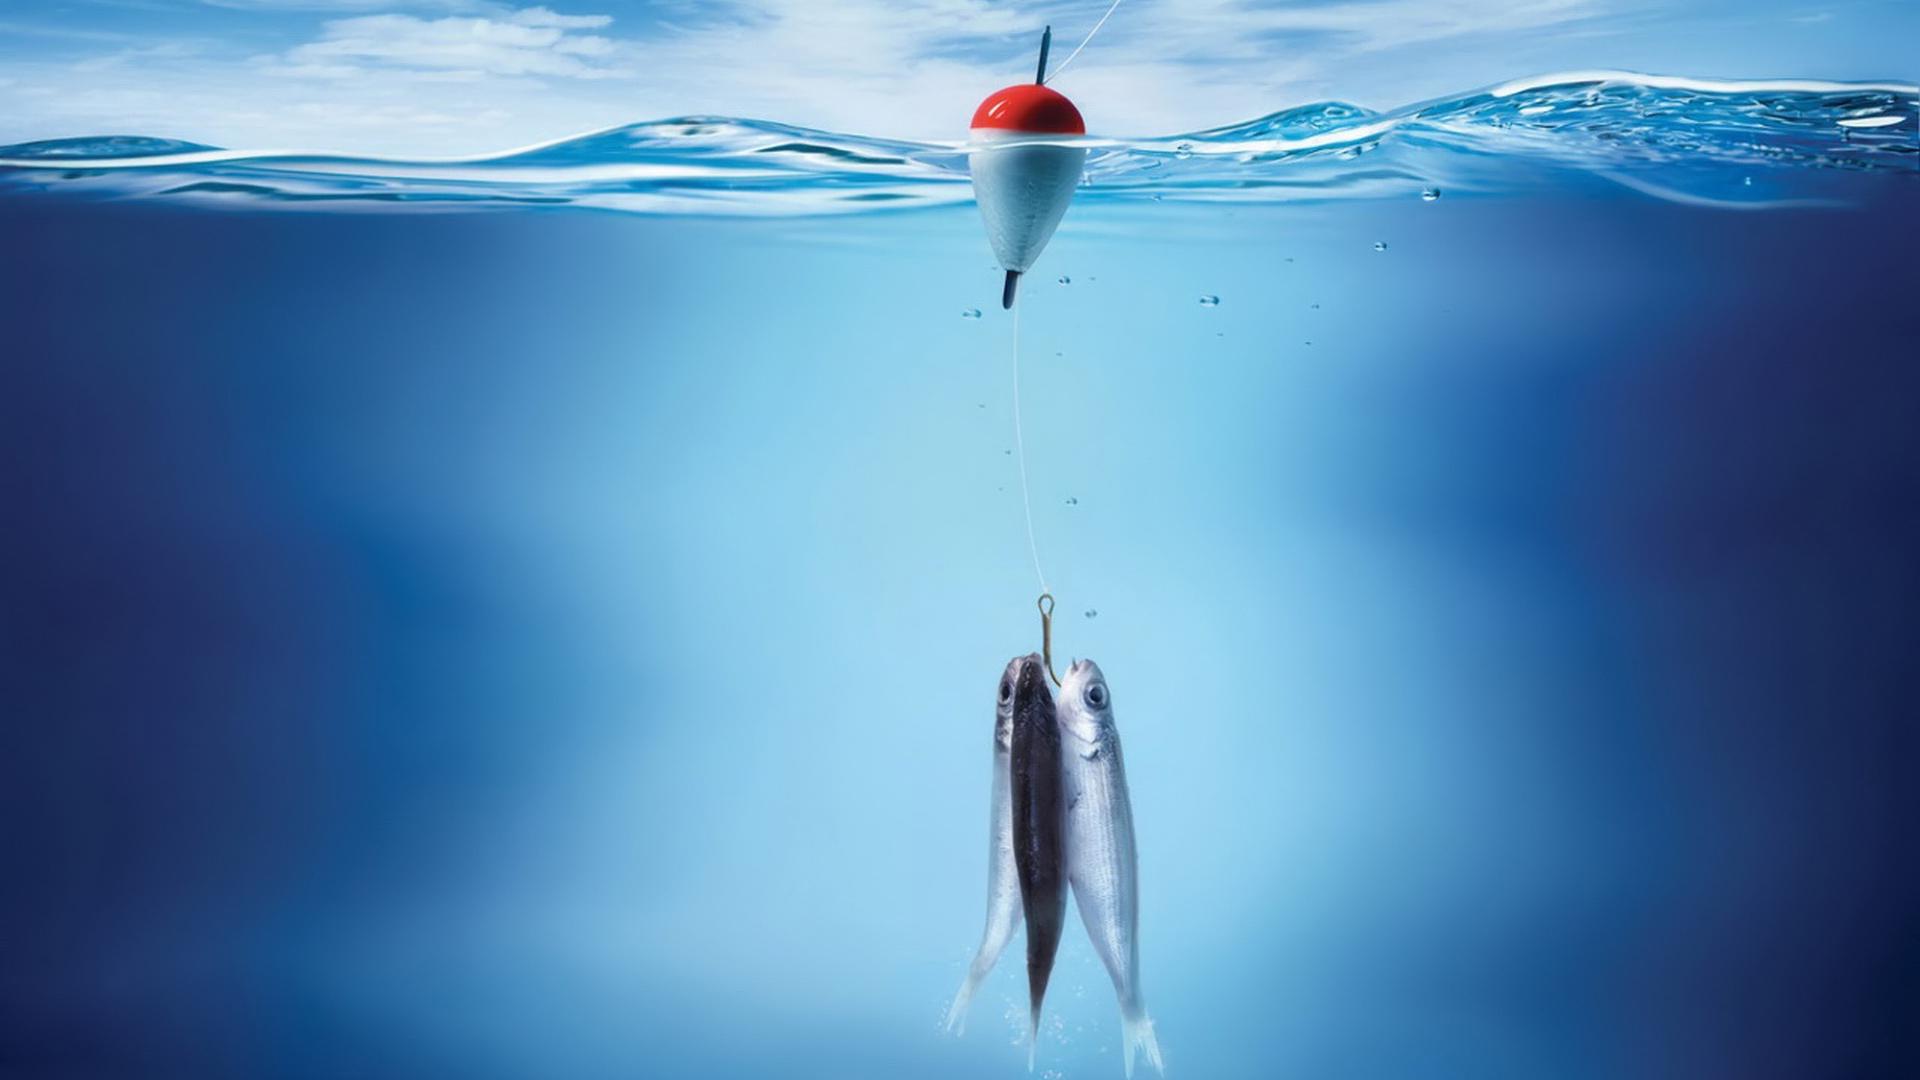 обои для рабочего стола рыбацкие